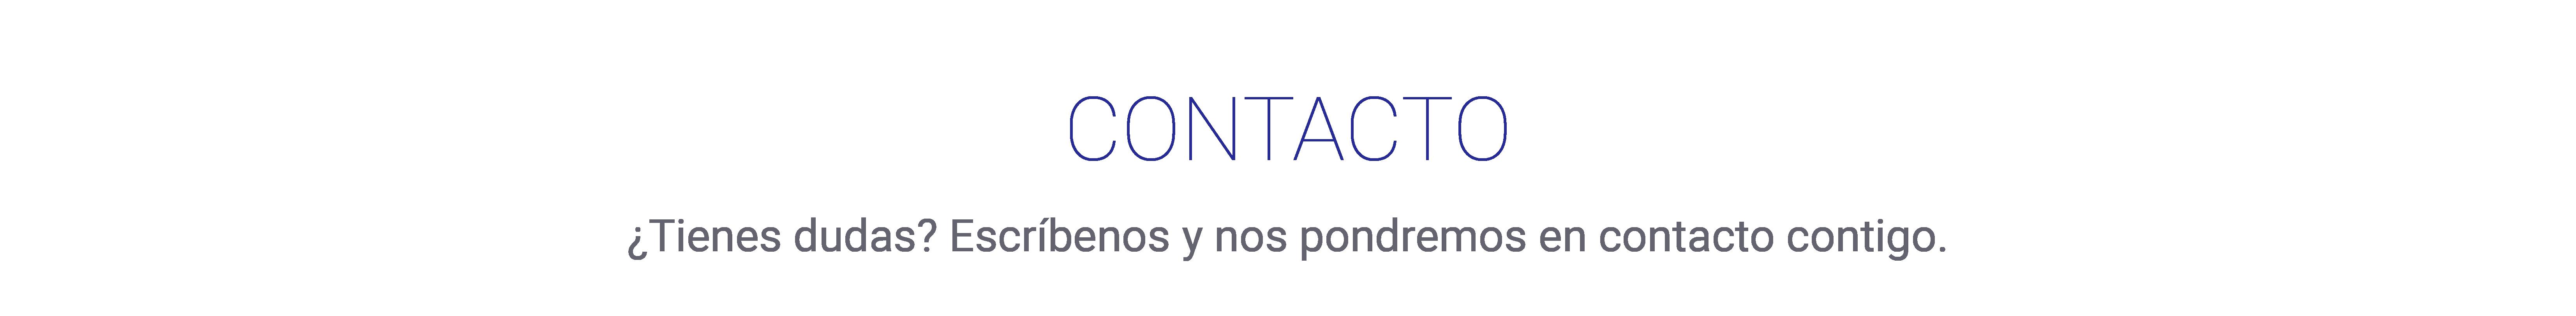 contacto-01